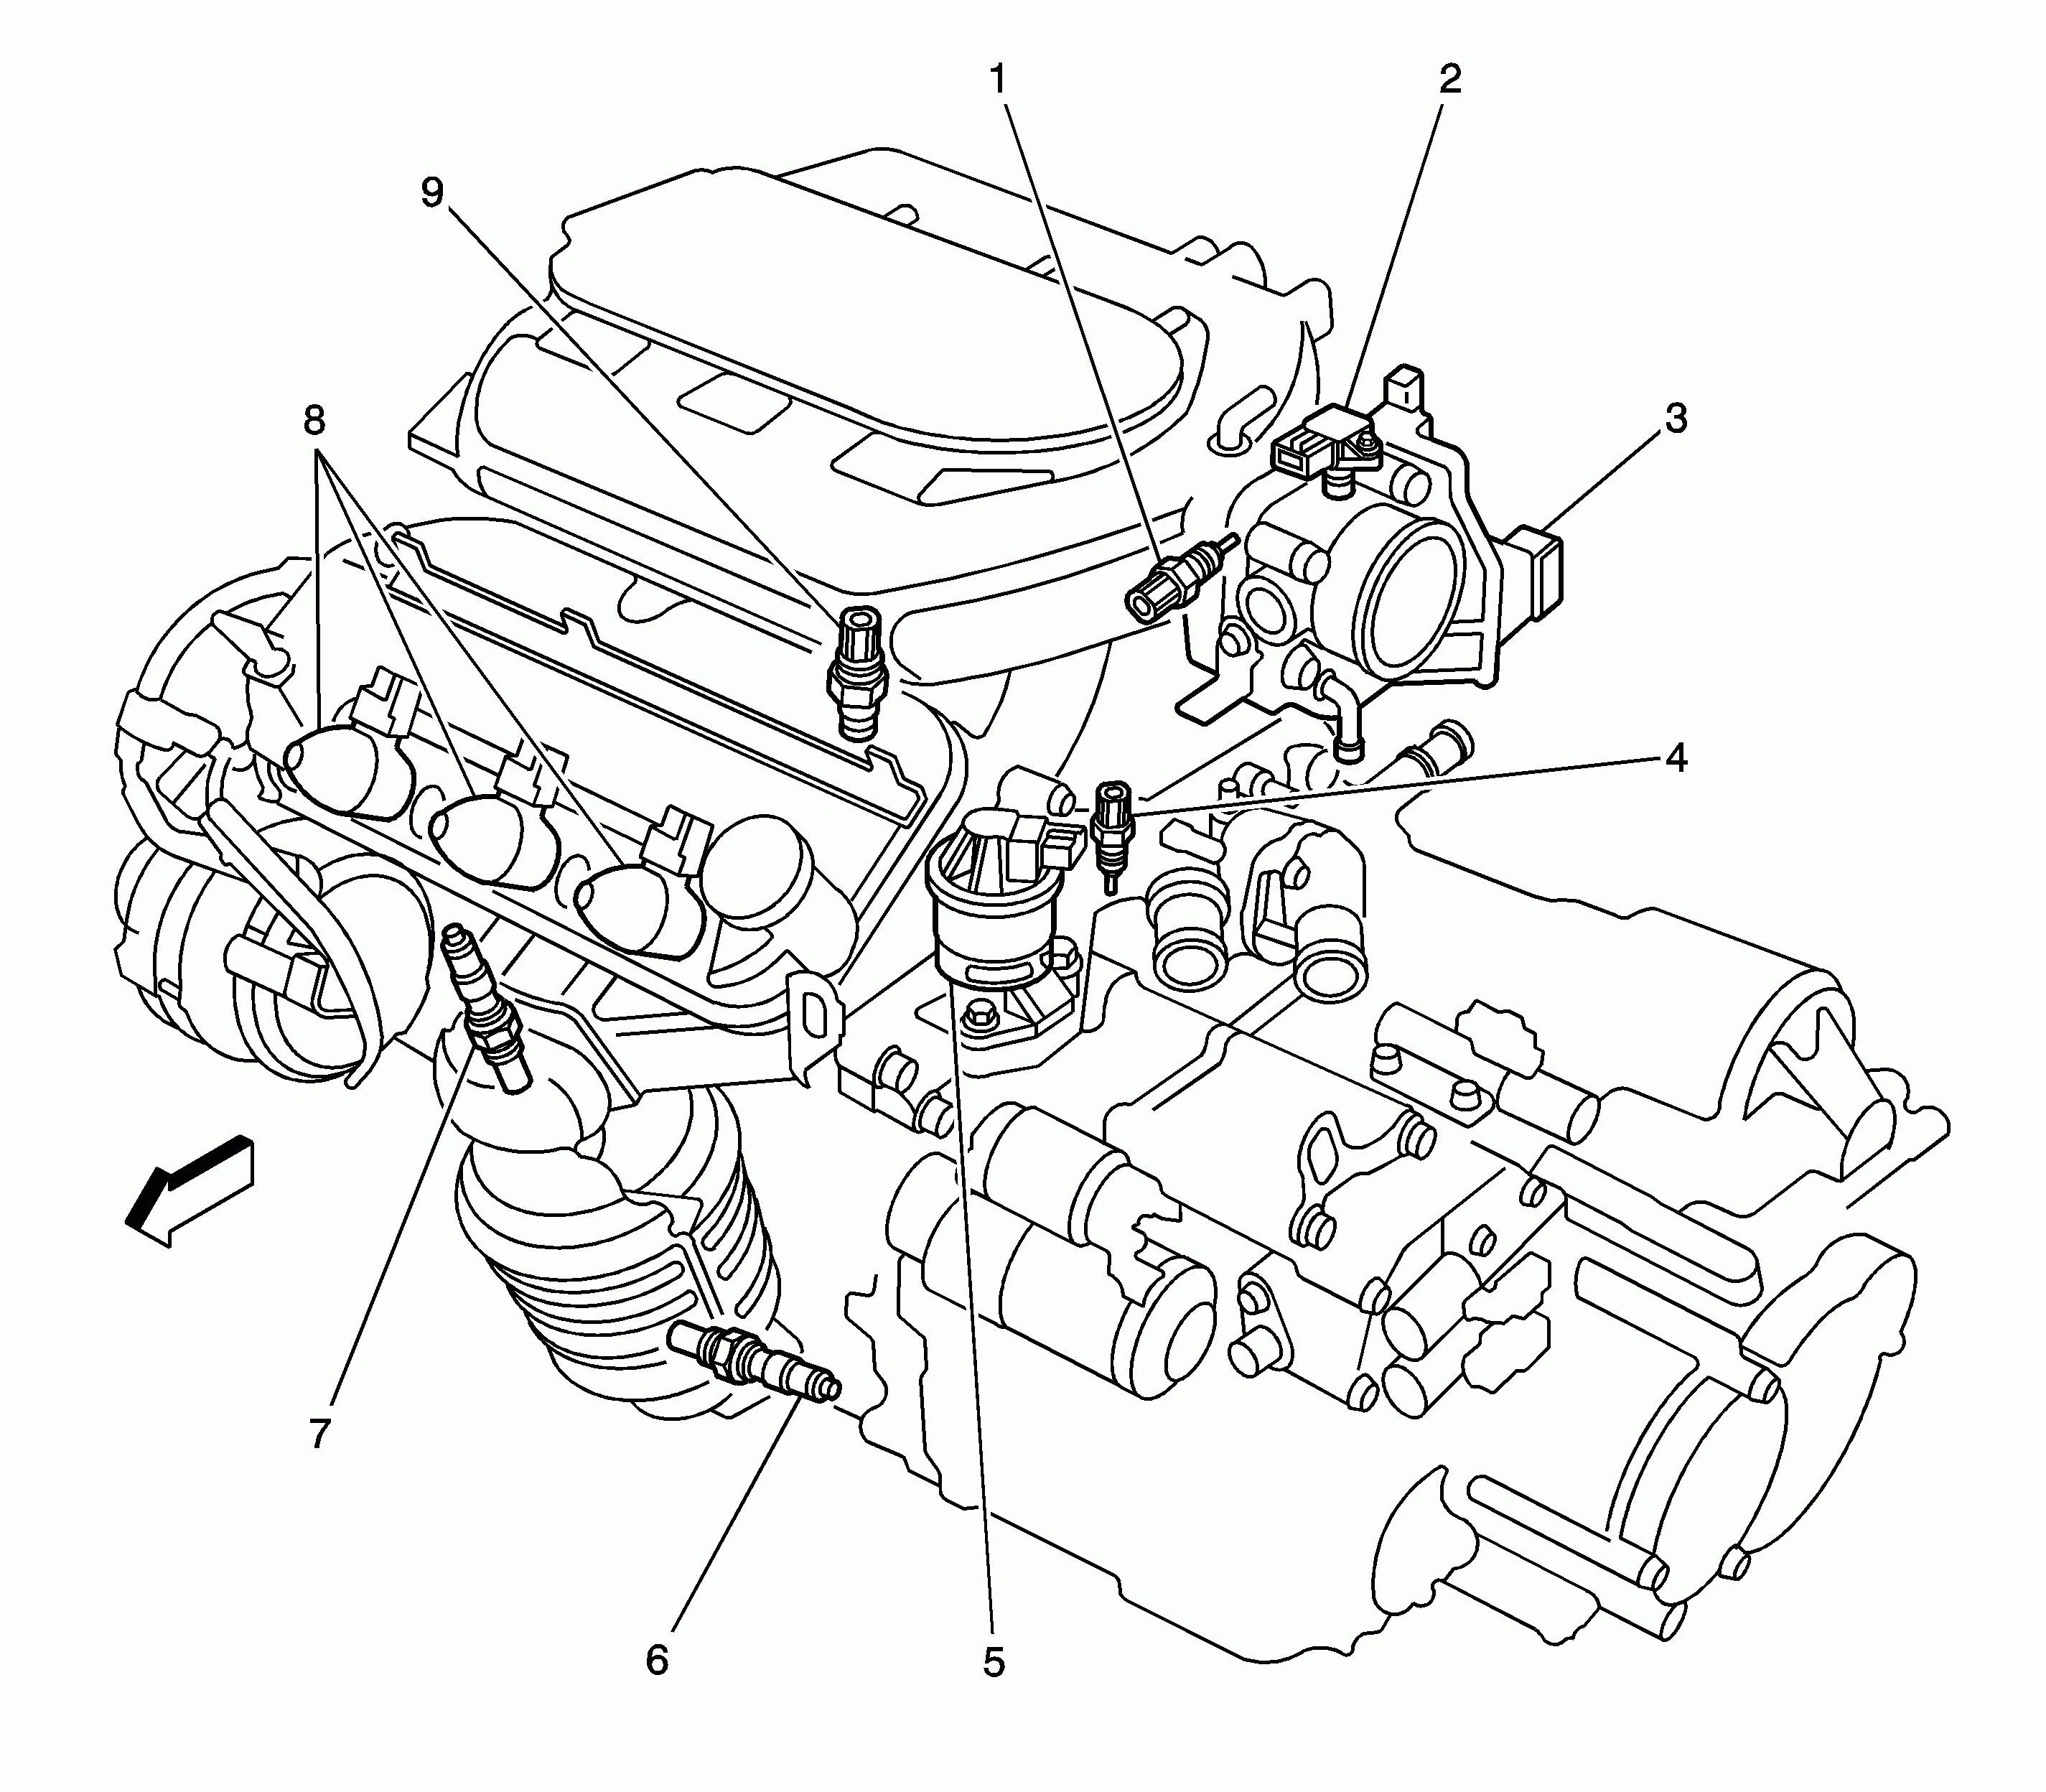 2007 saturn aura engine diagram